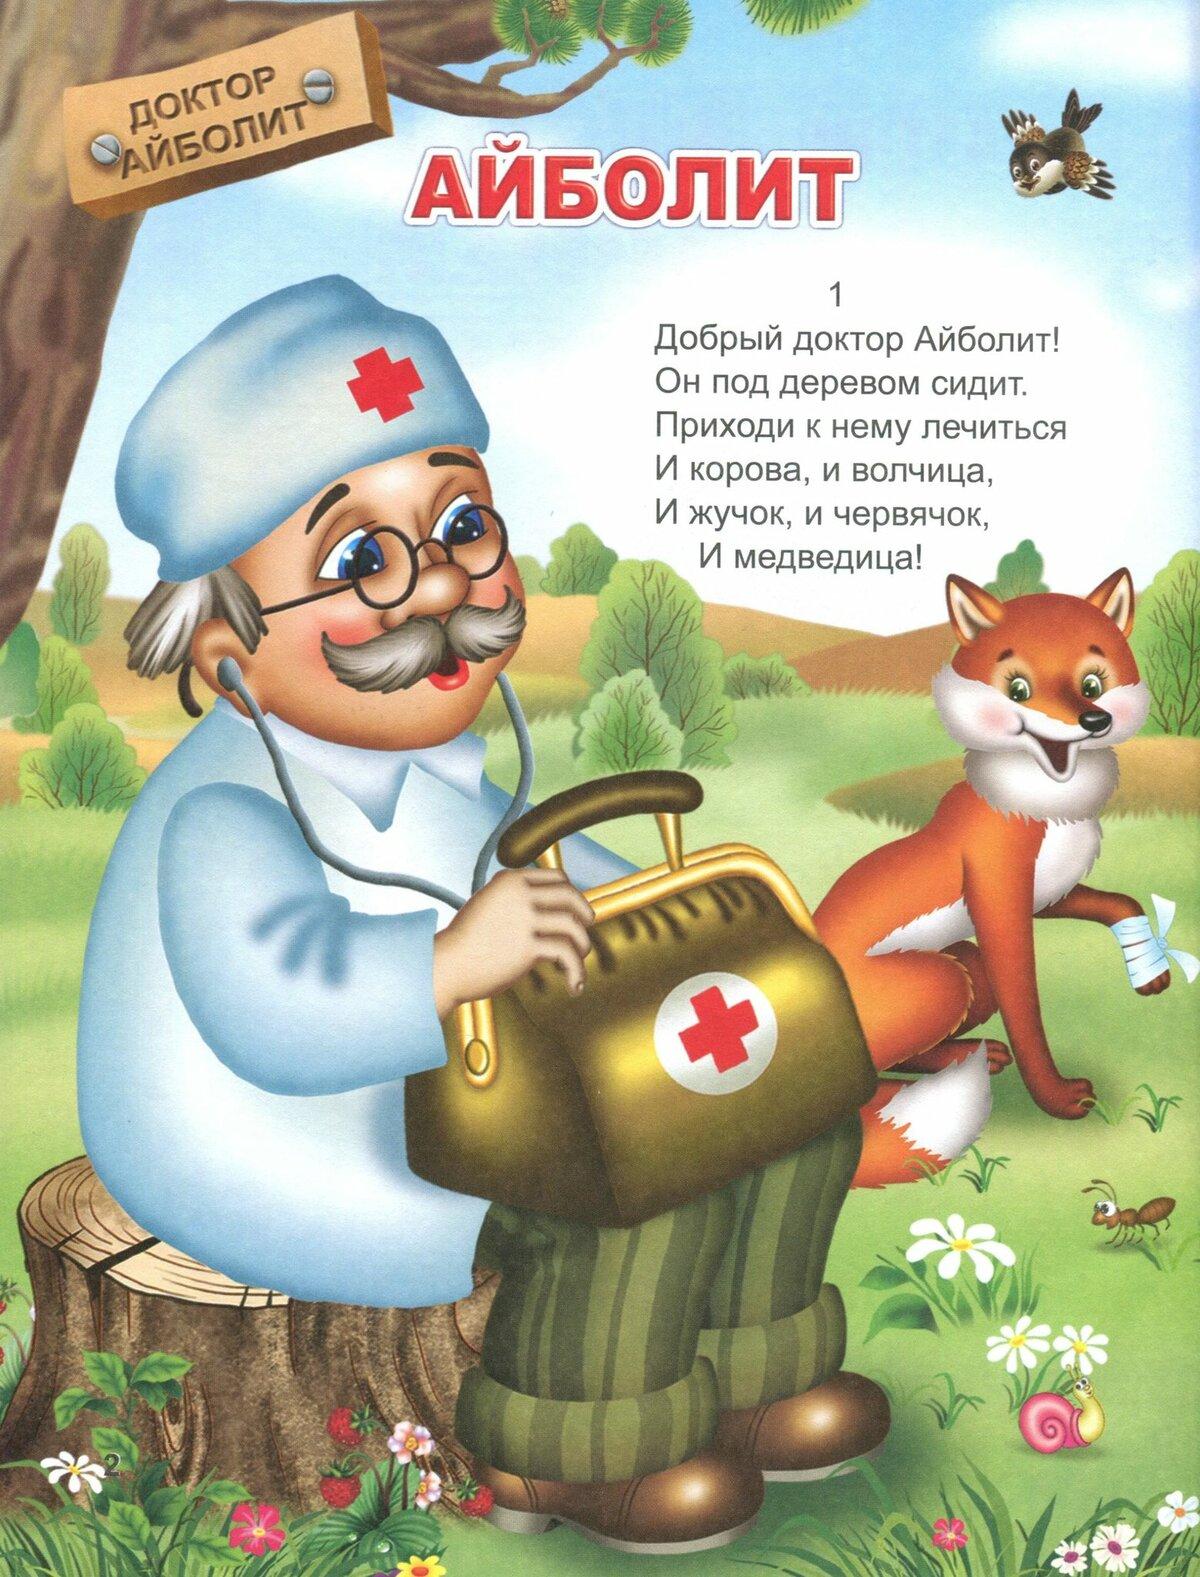 доктор айболит чуковского в картинках кожевенная включает себя